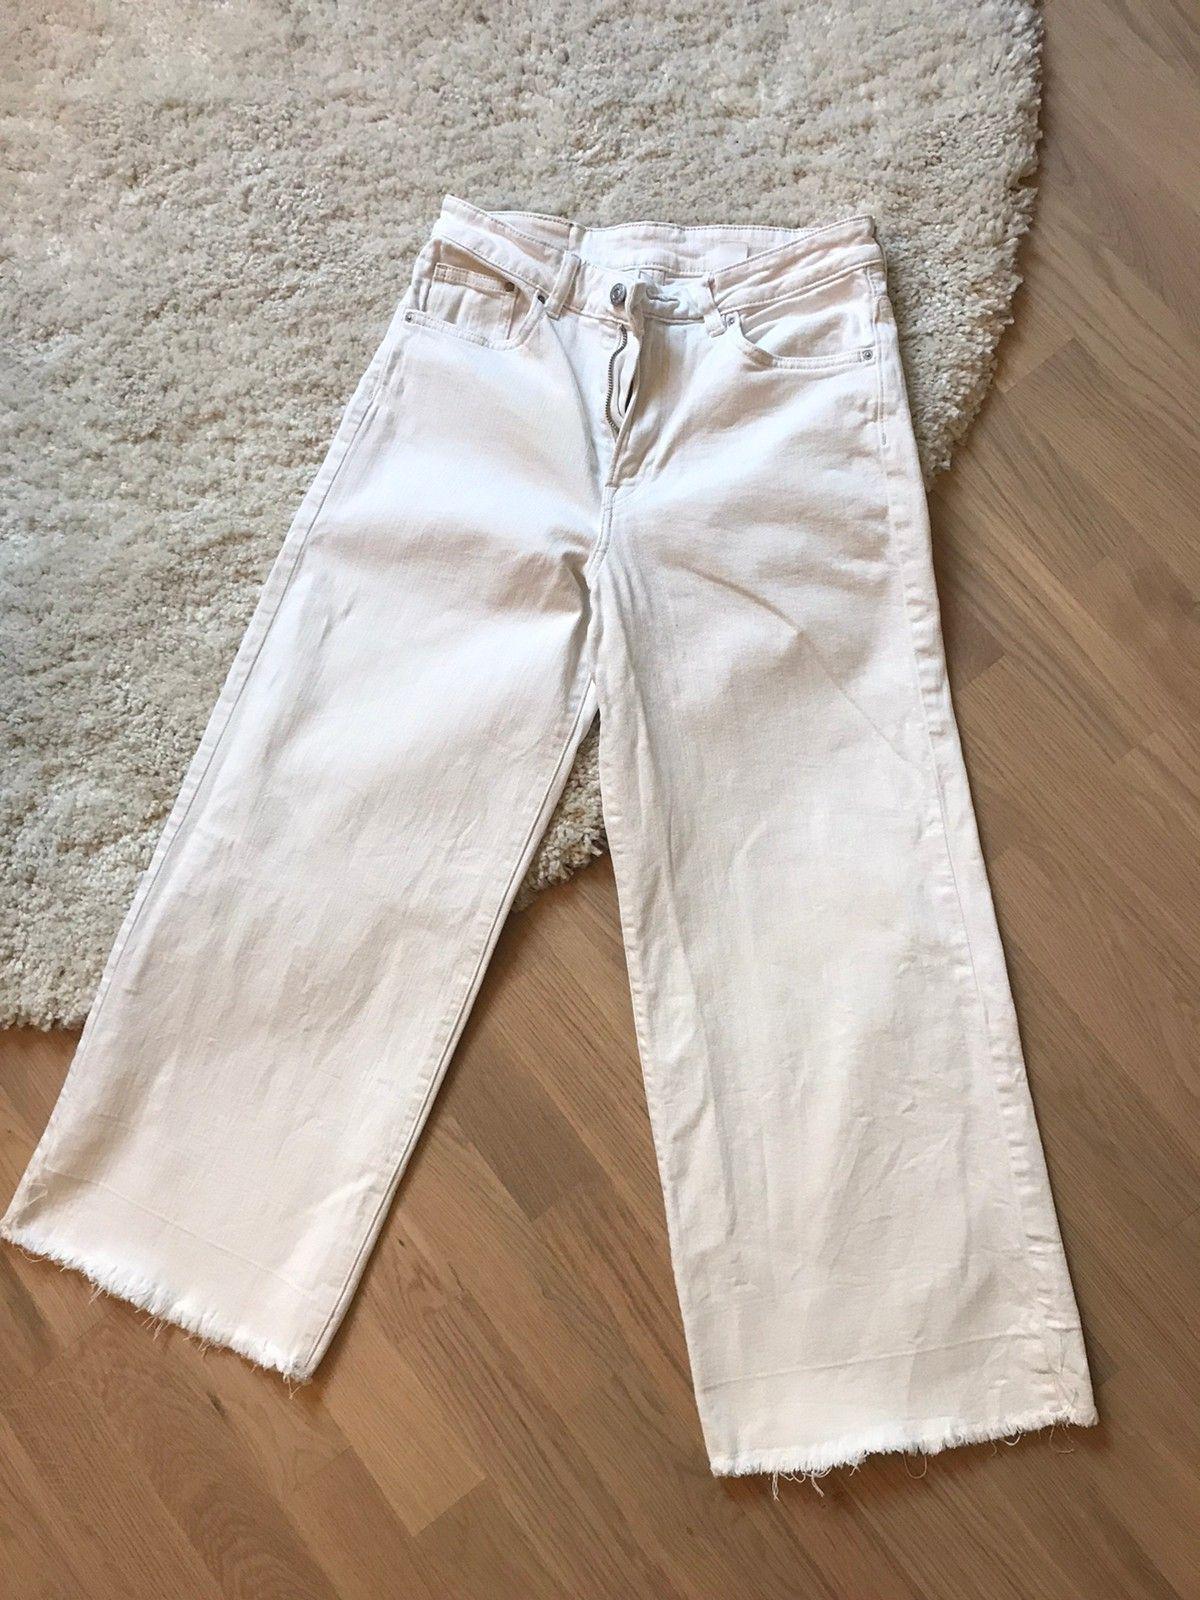 Hvit bukse hm | FINN.no